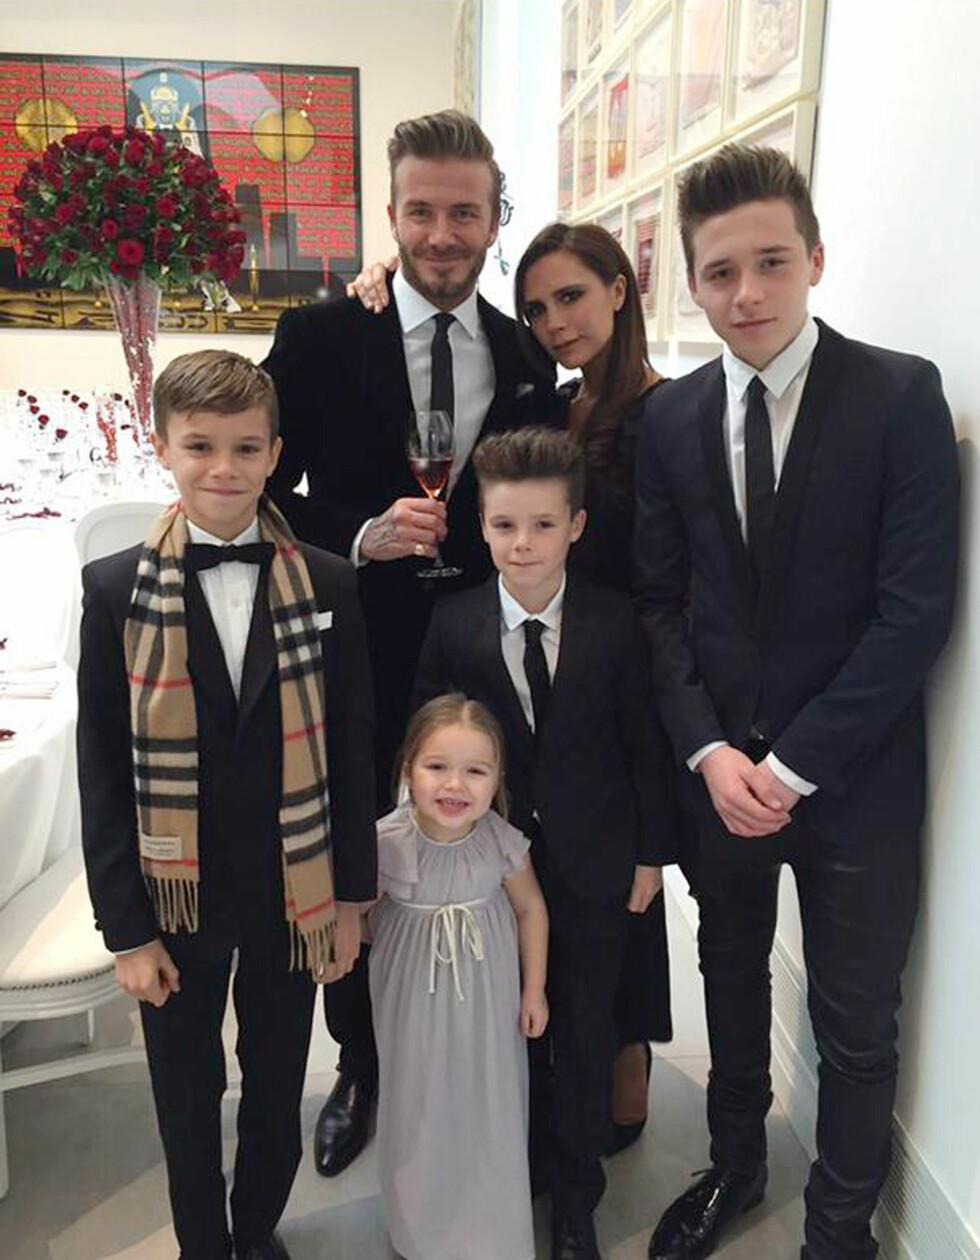 FIN FAMILIE: David og Victoria gjør begge stor suksess, men er aller mest stolte av sine fire barn; Brooklyn, Romeo, Cruz og Harper. Bildet er tatt i fjor sommer.  Foto: Xposure